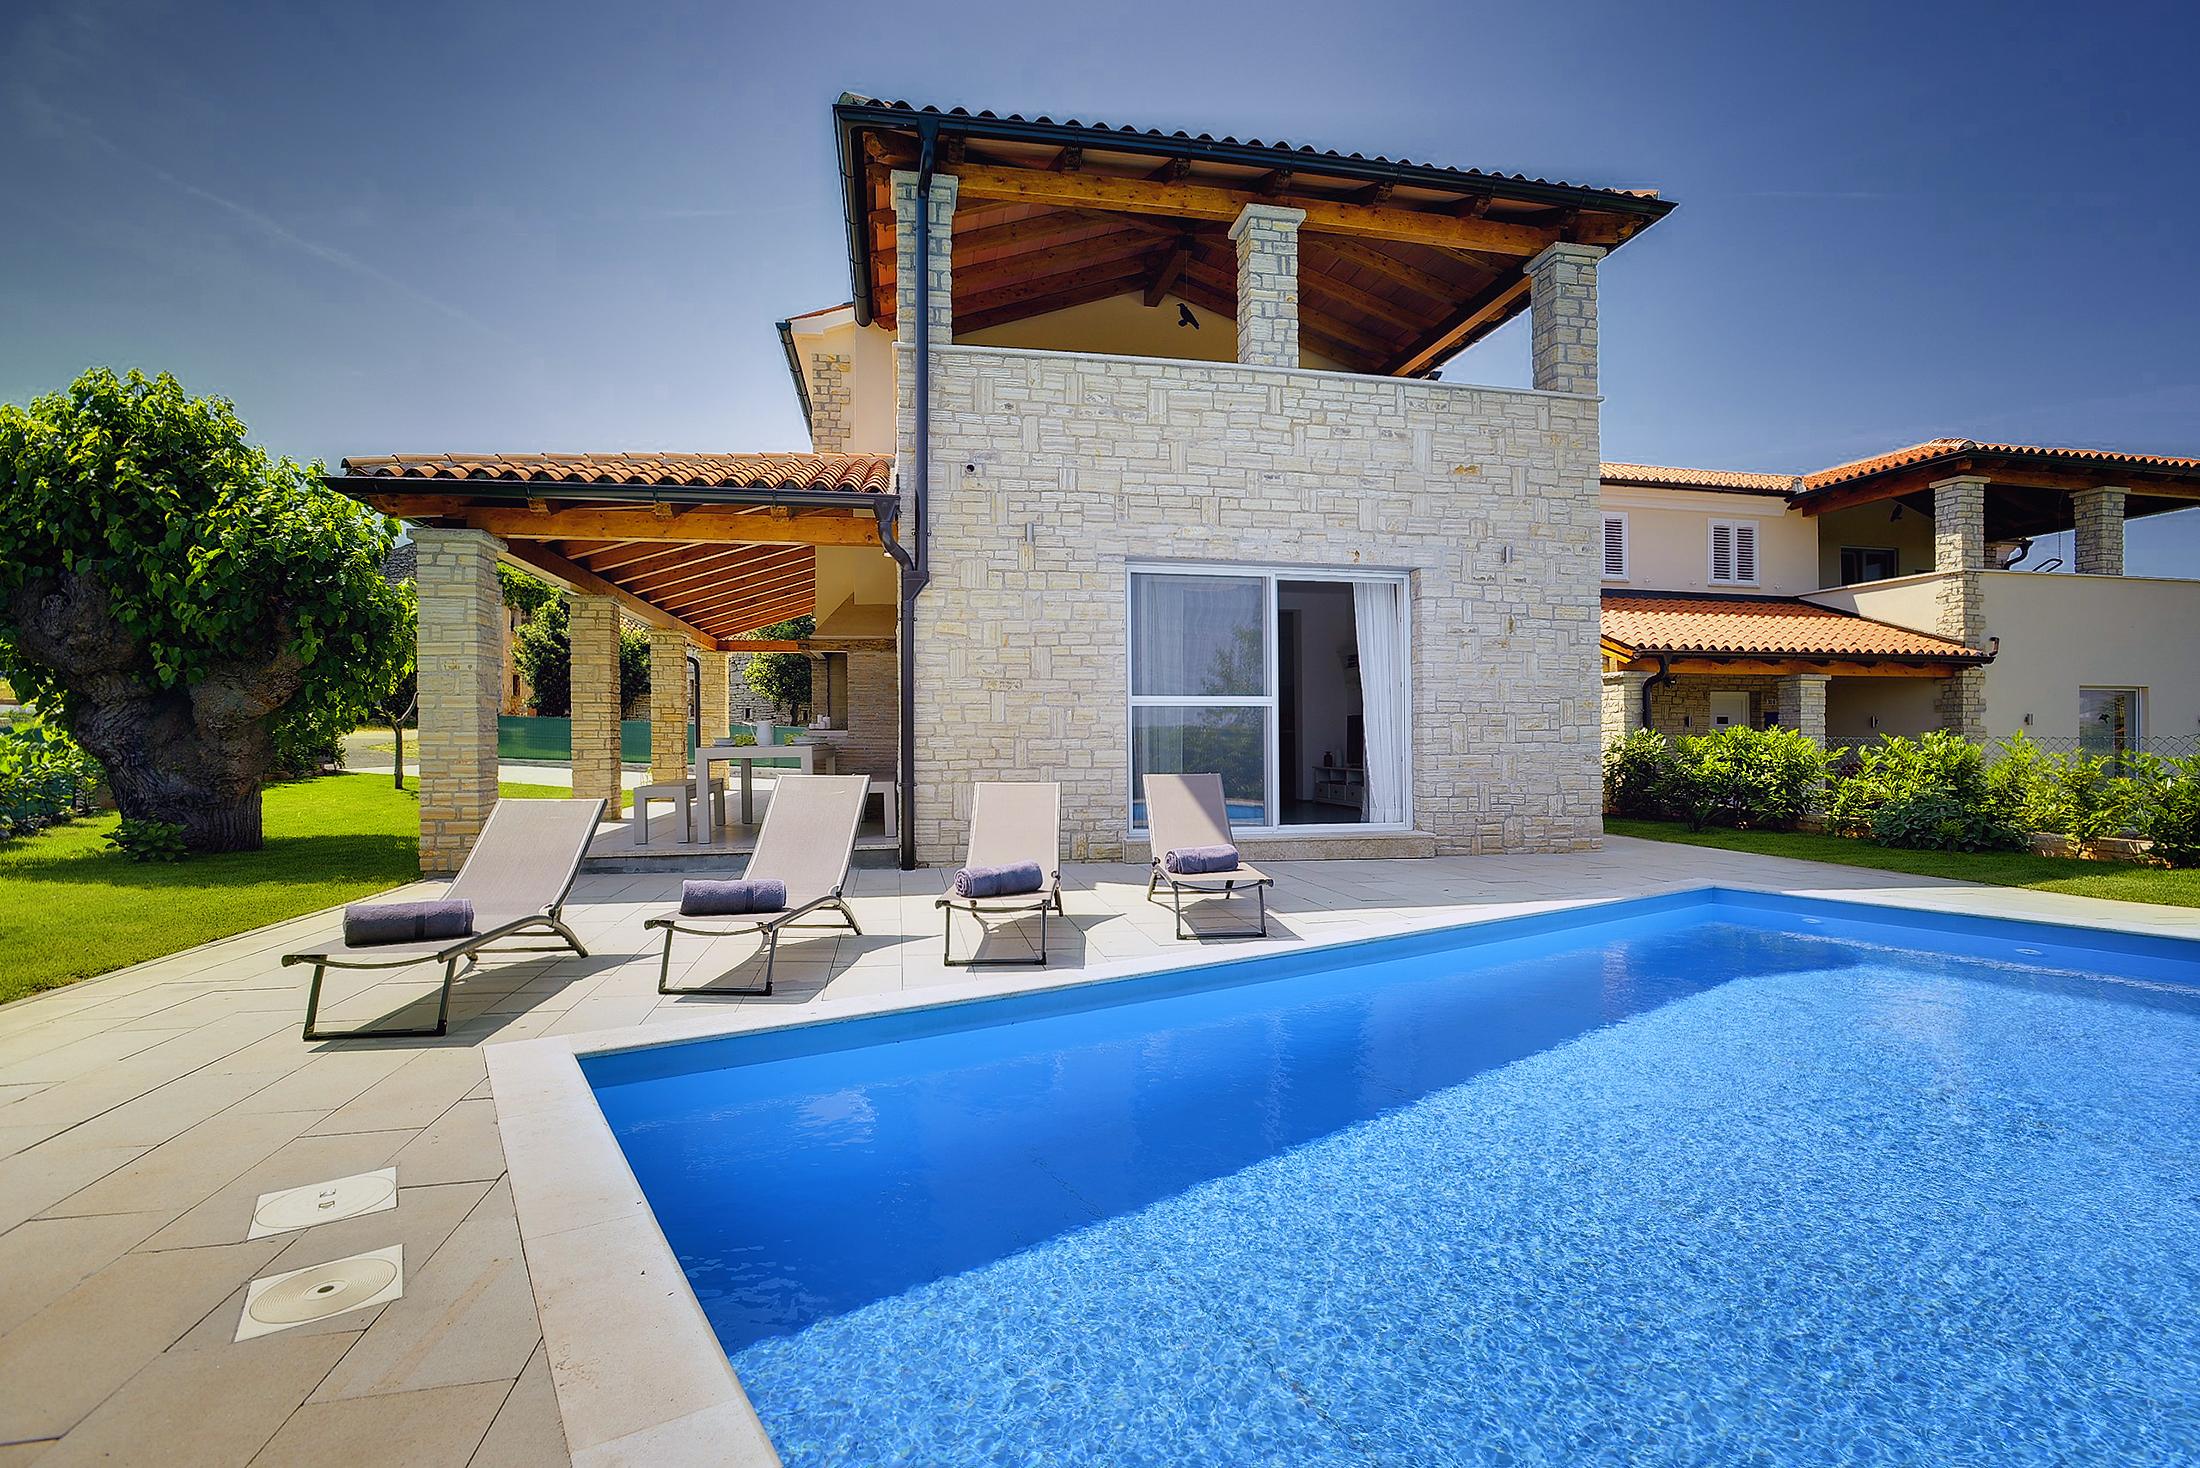 Prenotate questa moderna villa con piscina terrazza e for Disegni di case moderne